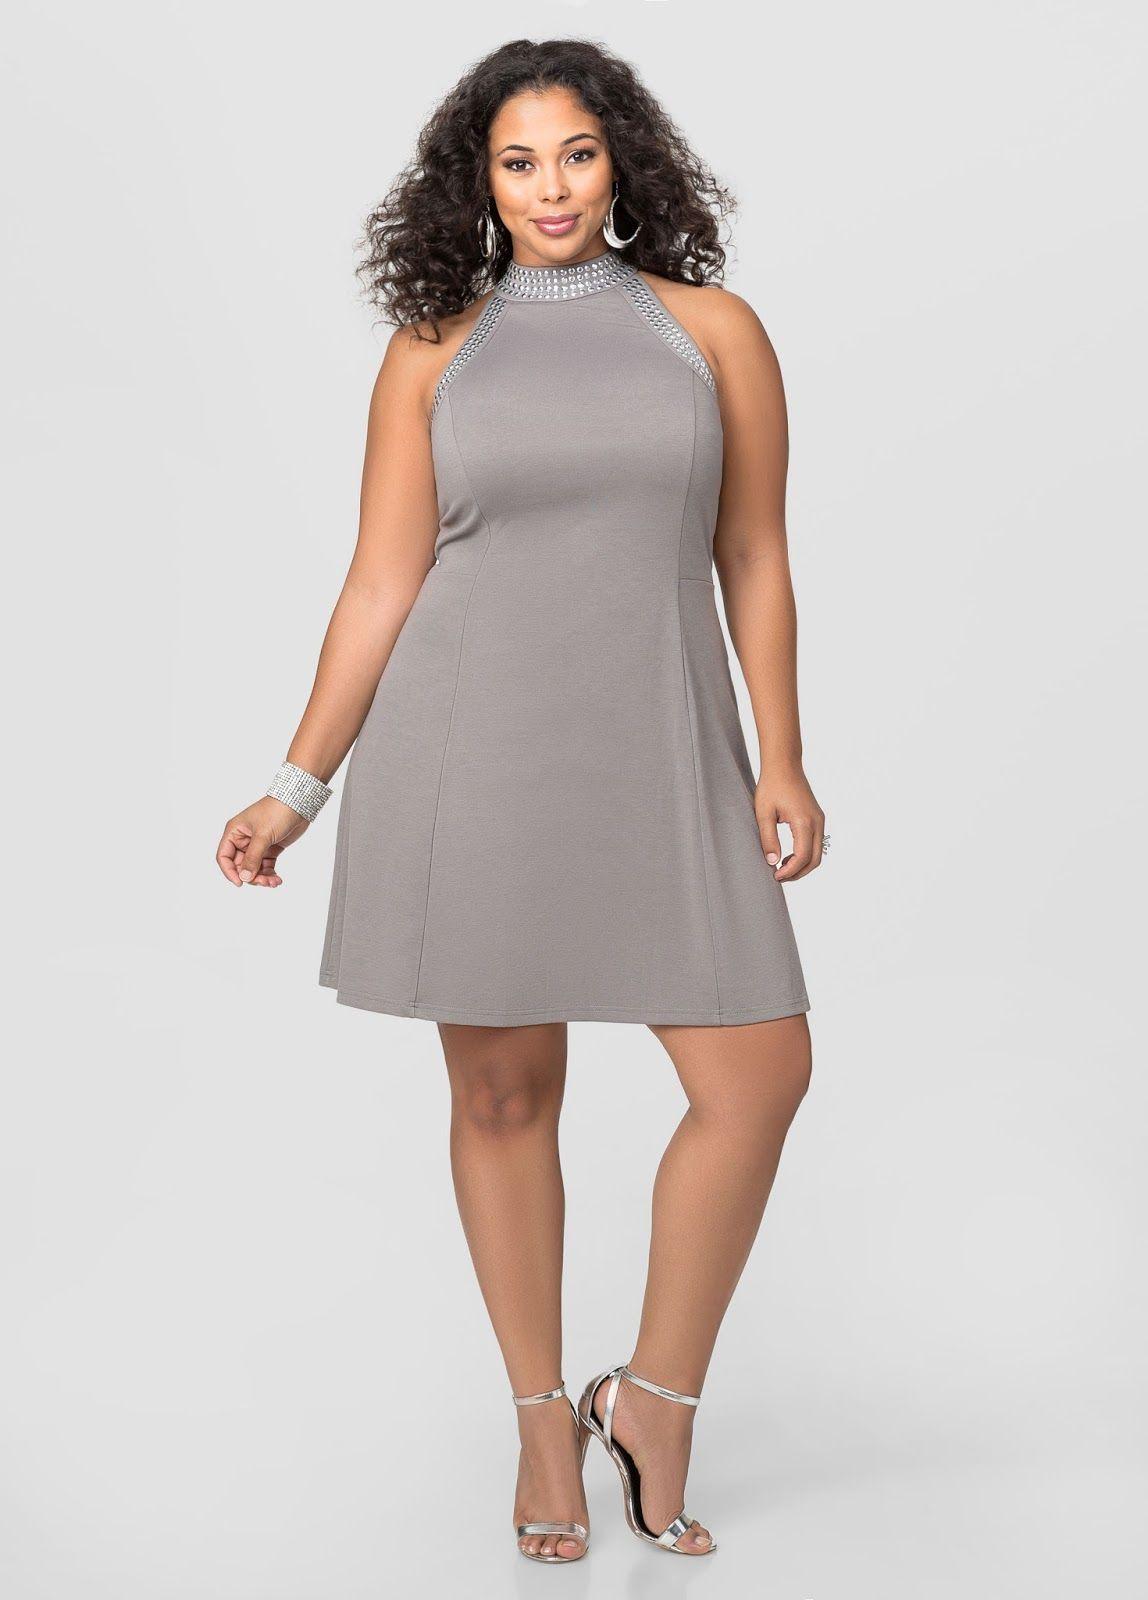 Vestido gris corto de talla grande